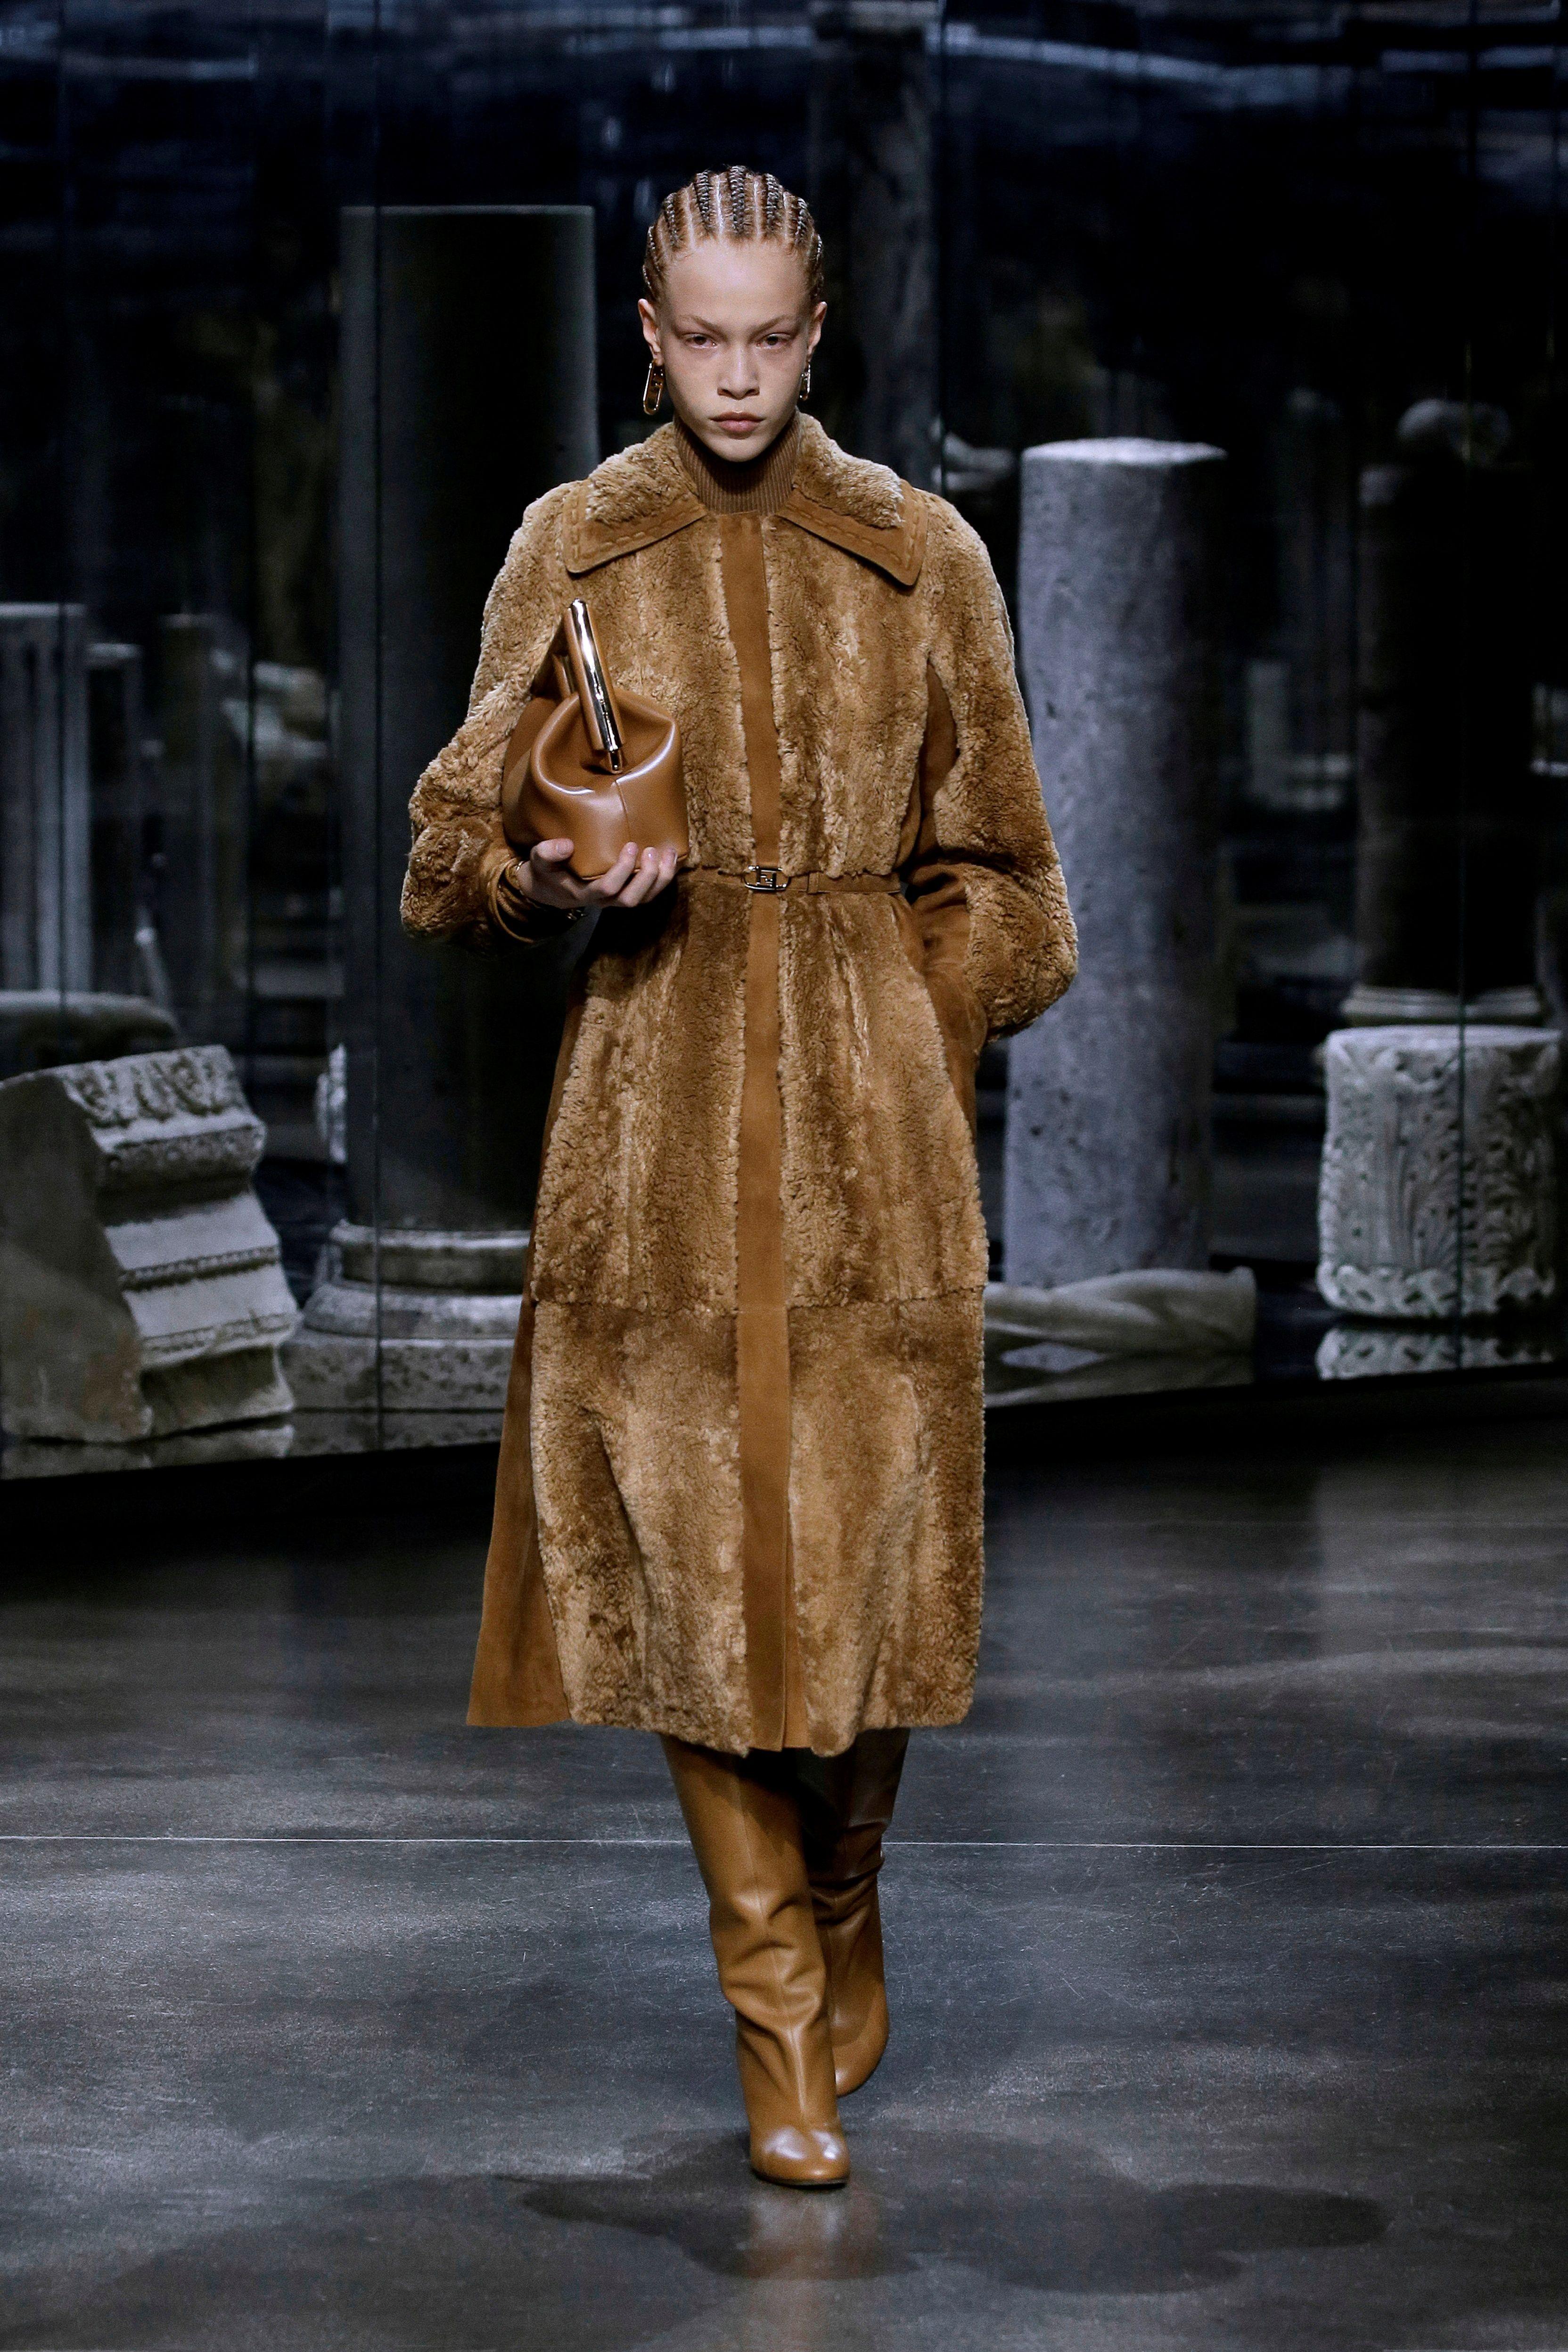 El diseñador Kim Jones hizo su debut en Fendi, en Roma, presentando una línea de otoño-invierno en tonos neutros destacándose los tapados de piel